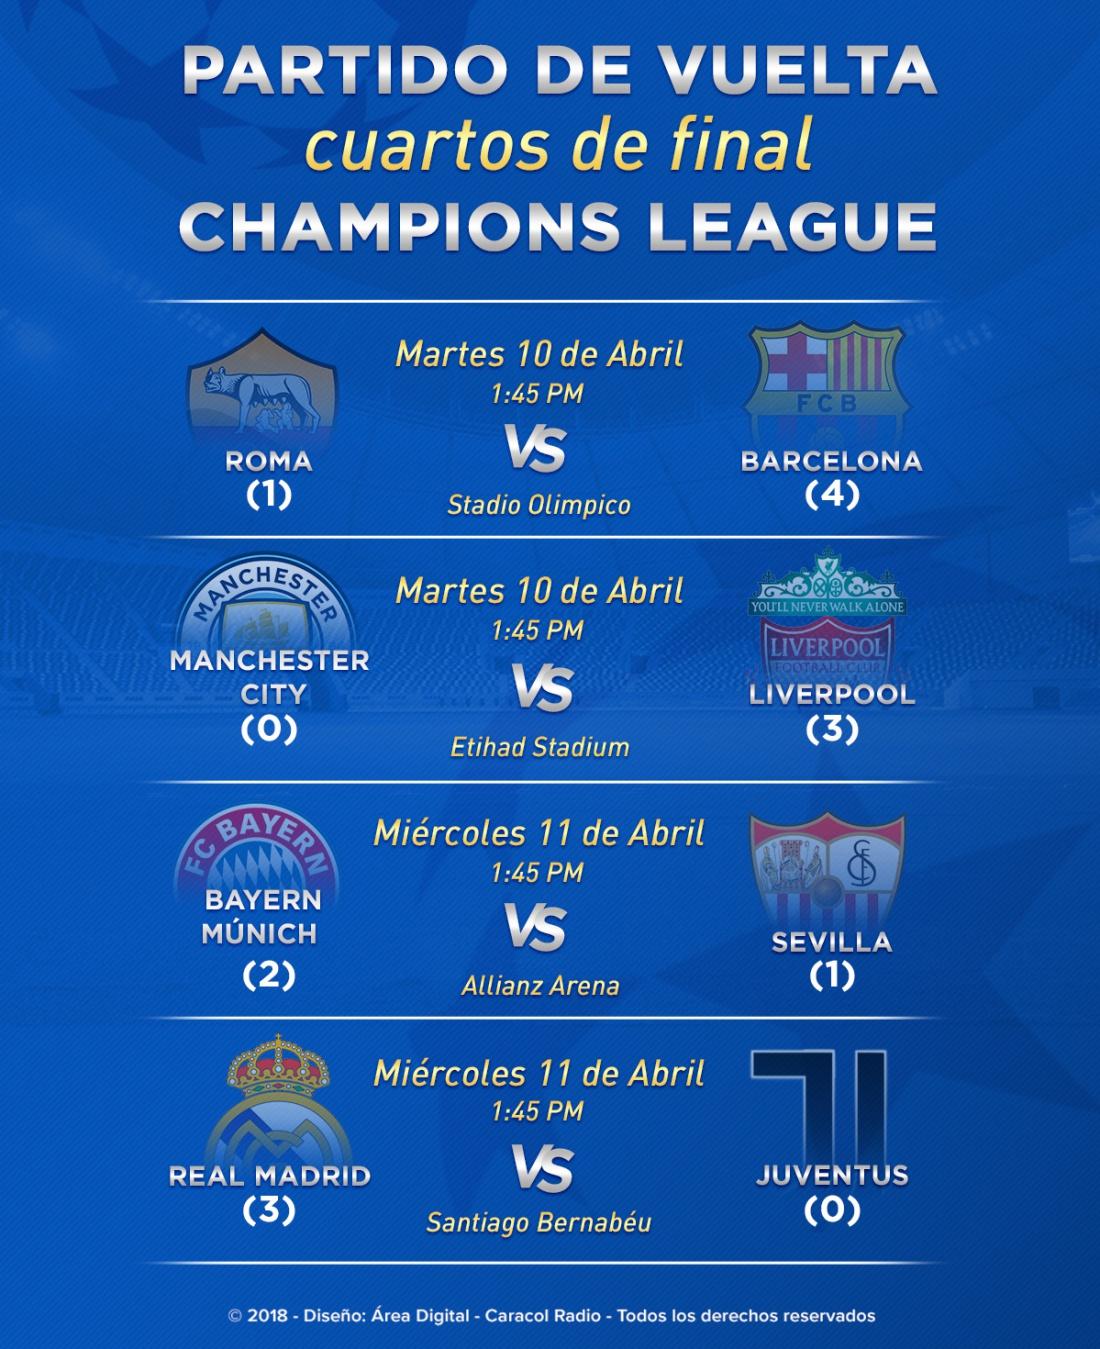 Cuartos de final Liga de Campeones: Prográmese con los juegos de vuelta de los cuartos de final de la Champions